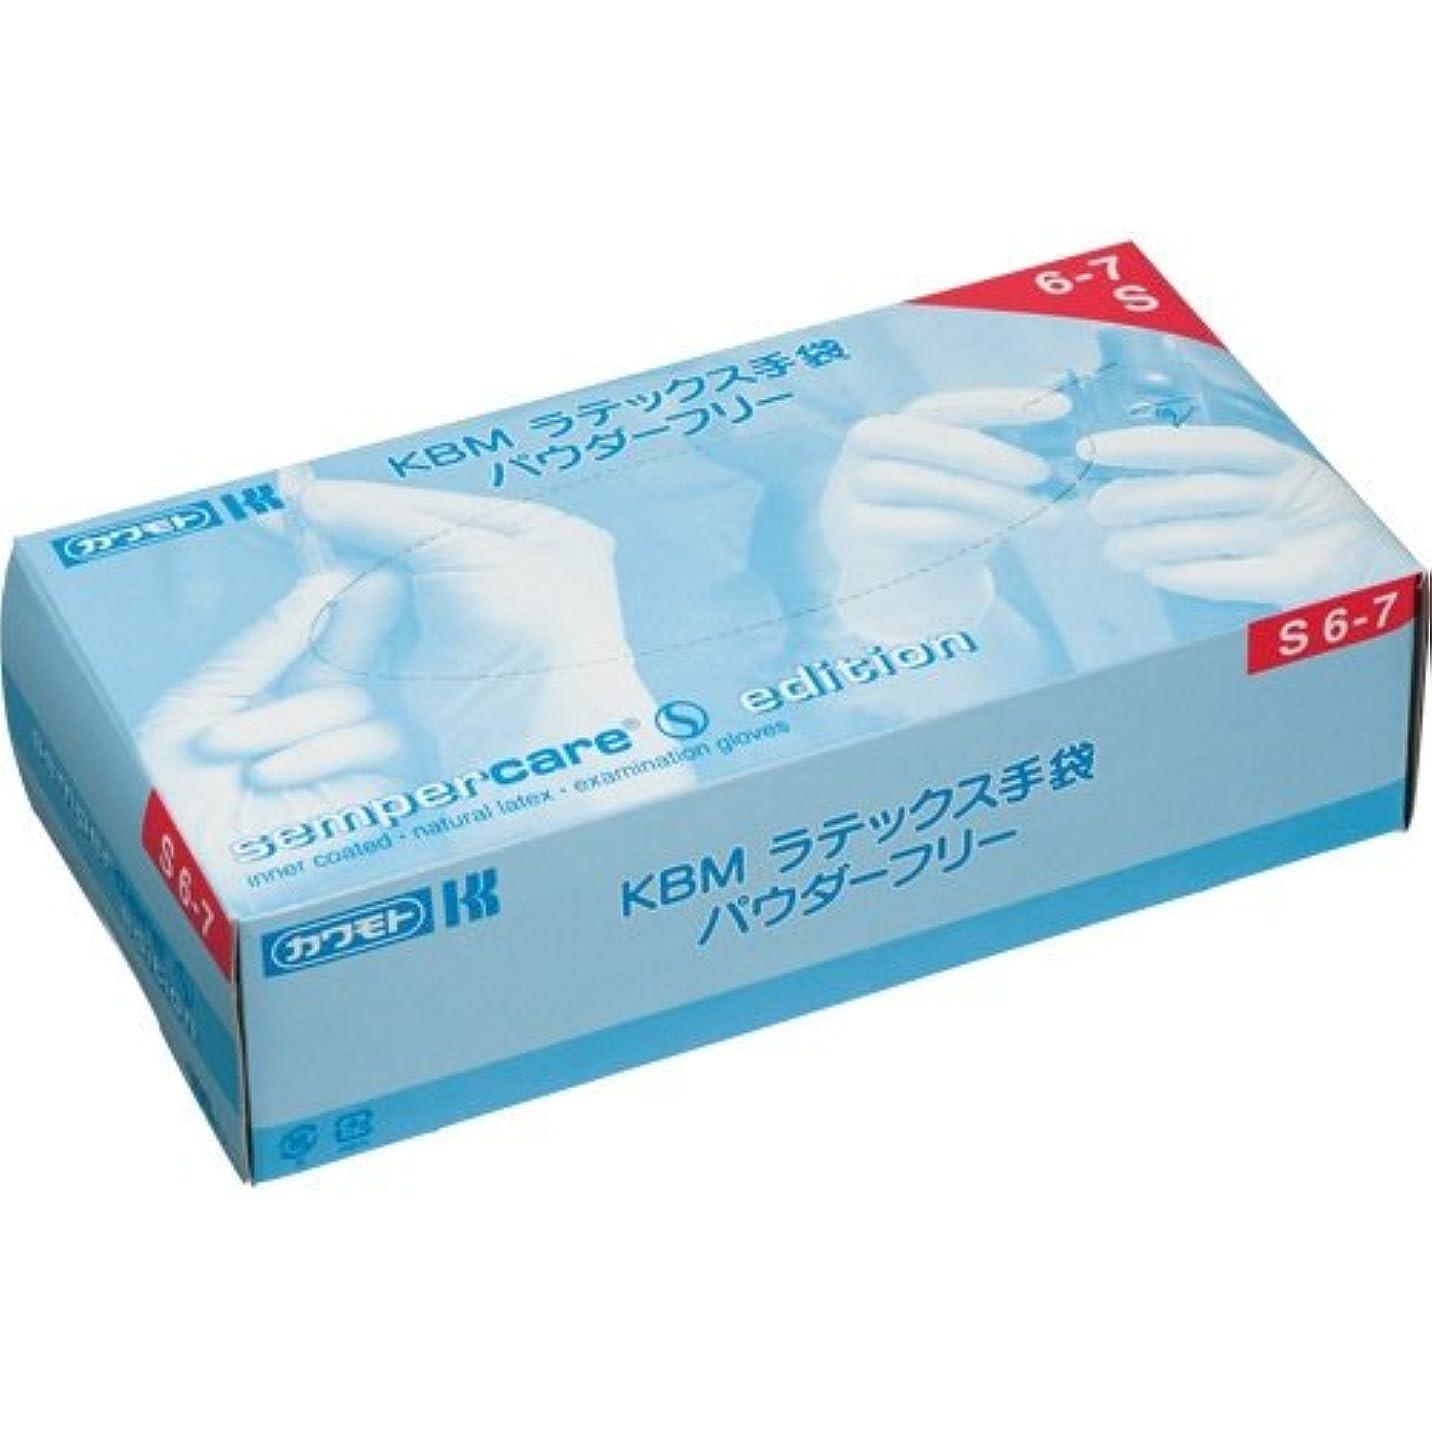 仲良しかなりのダーリンカワモト KBM ラテックス手袋 パウダーフリー S 1セット(300枚:100枚×3箱)